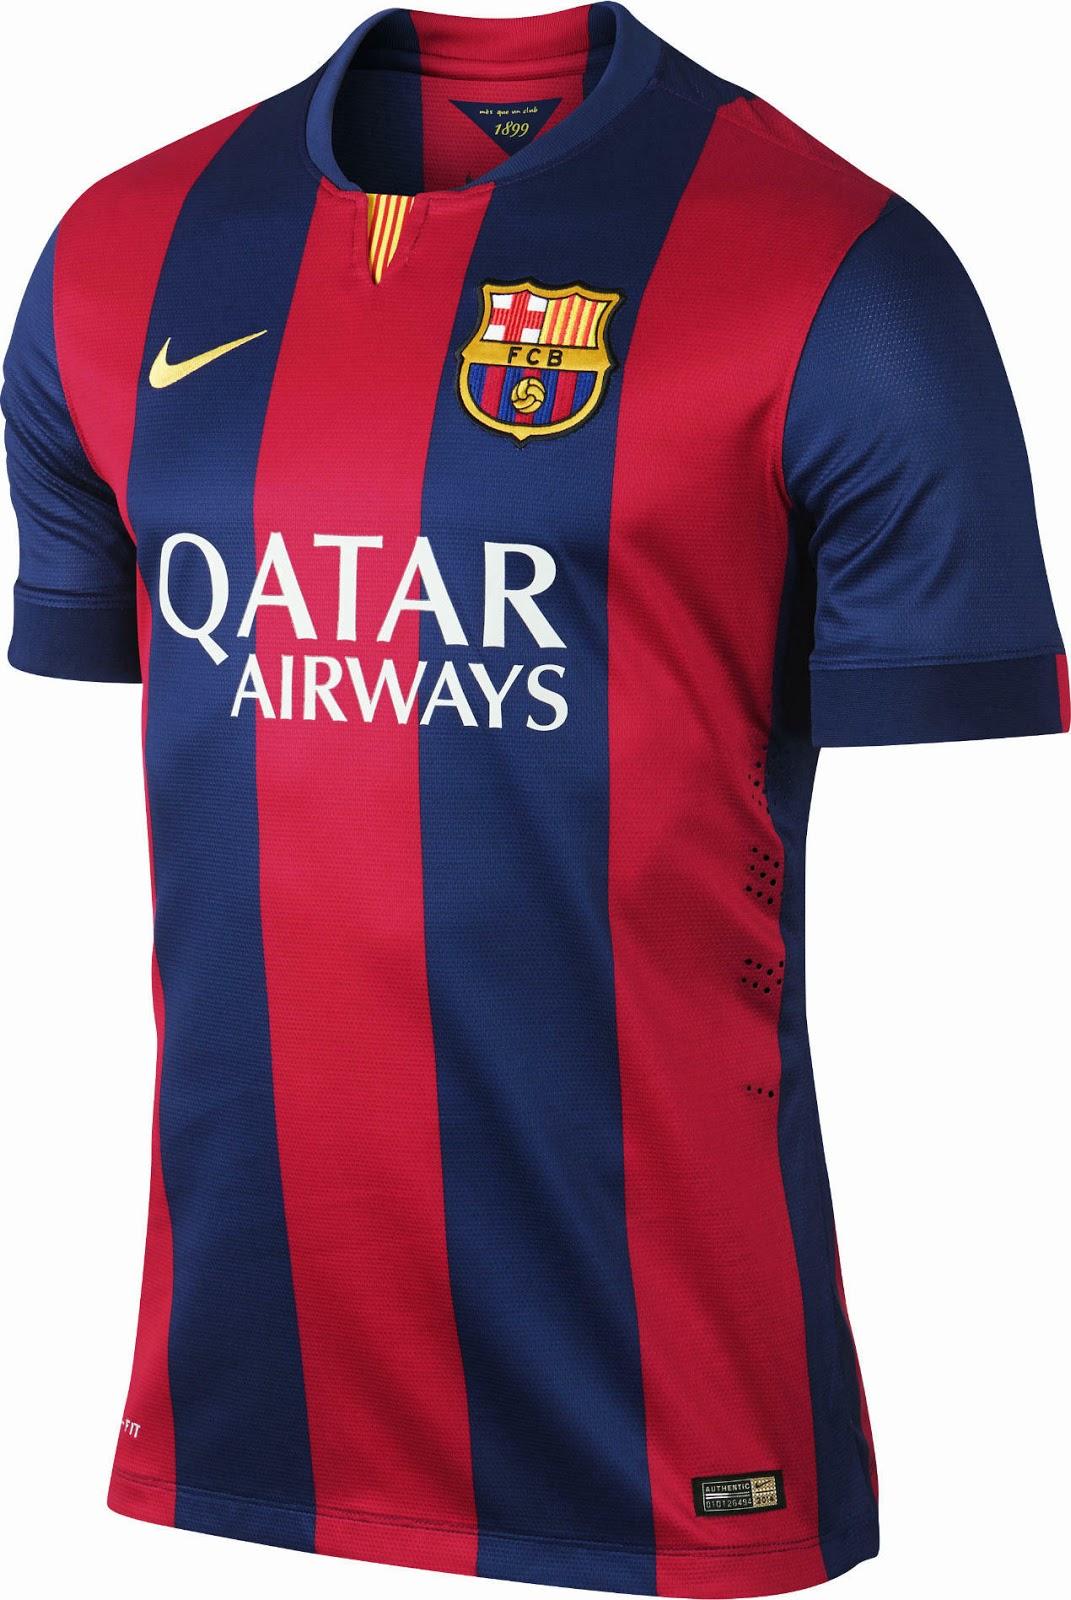 Bildresultat för barcelona jersey